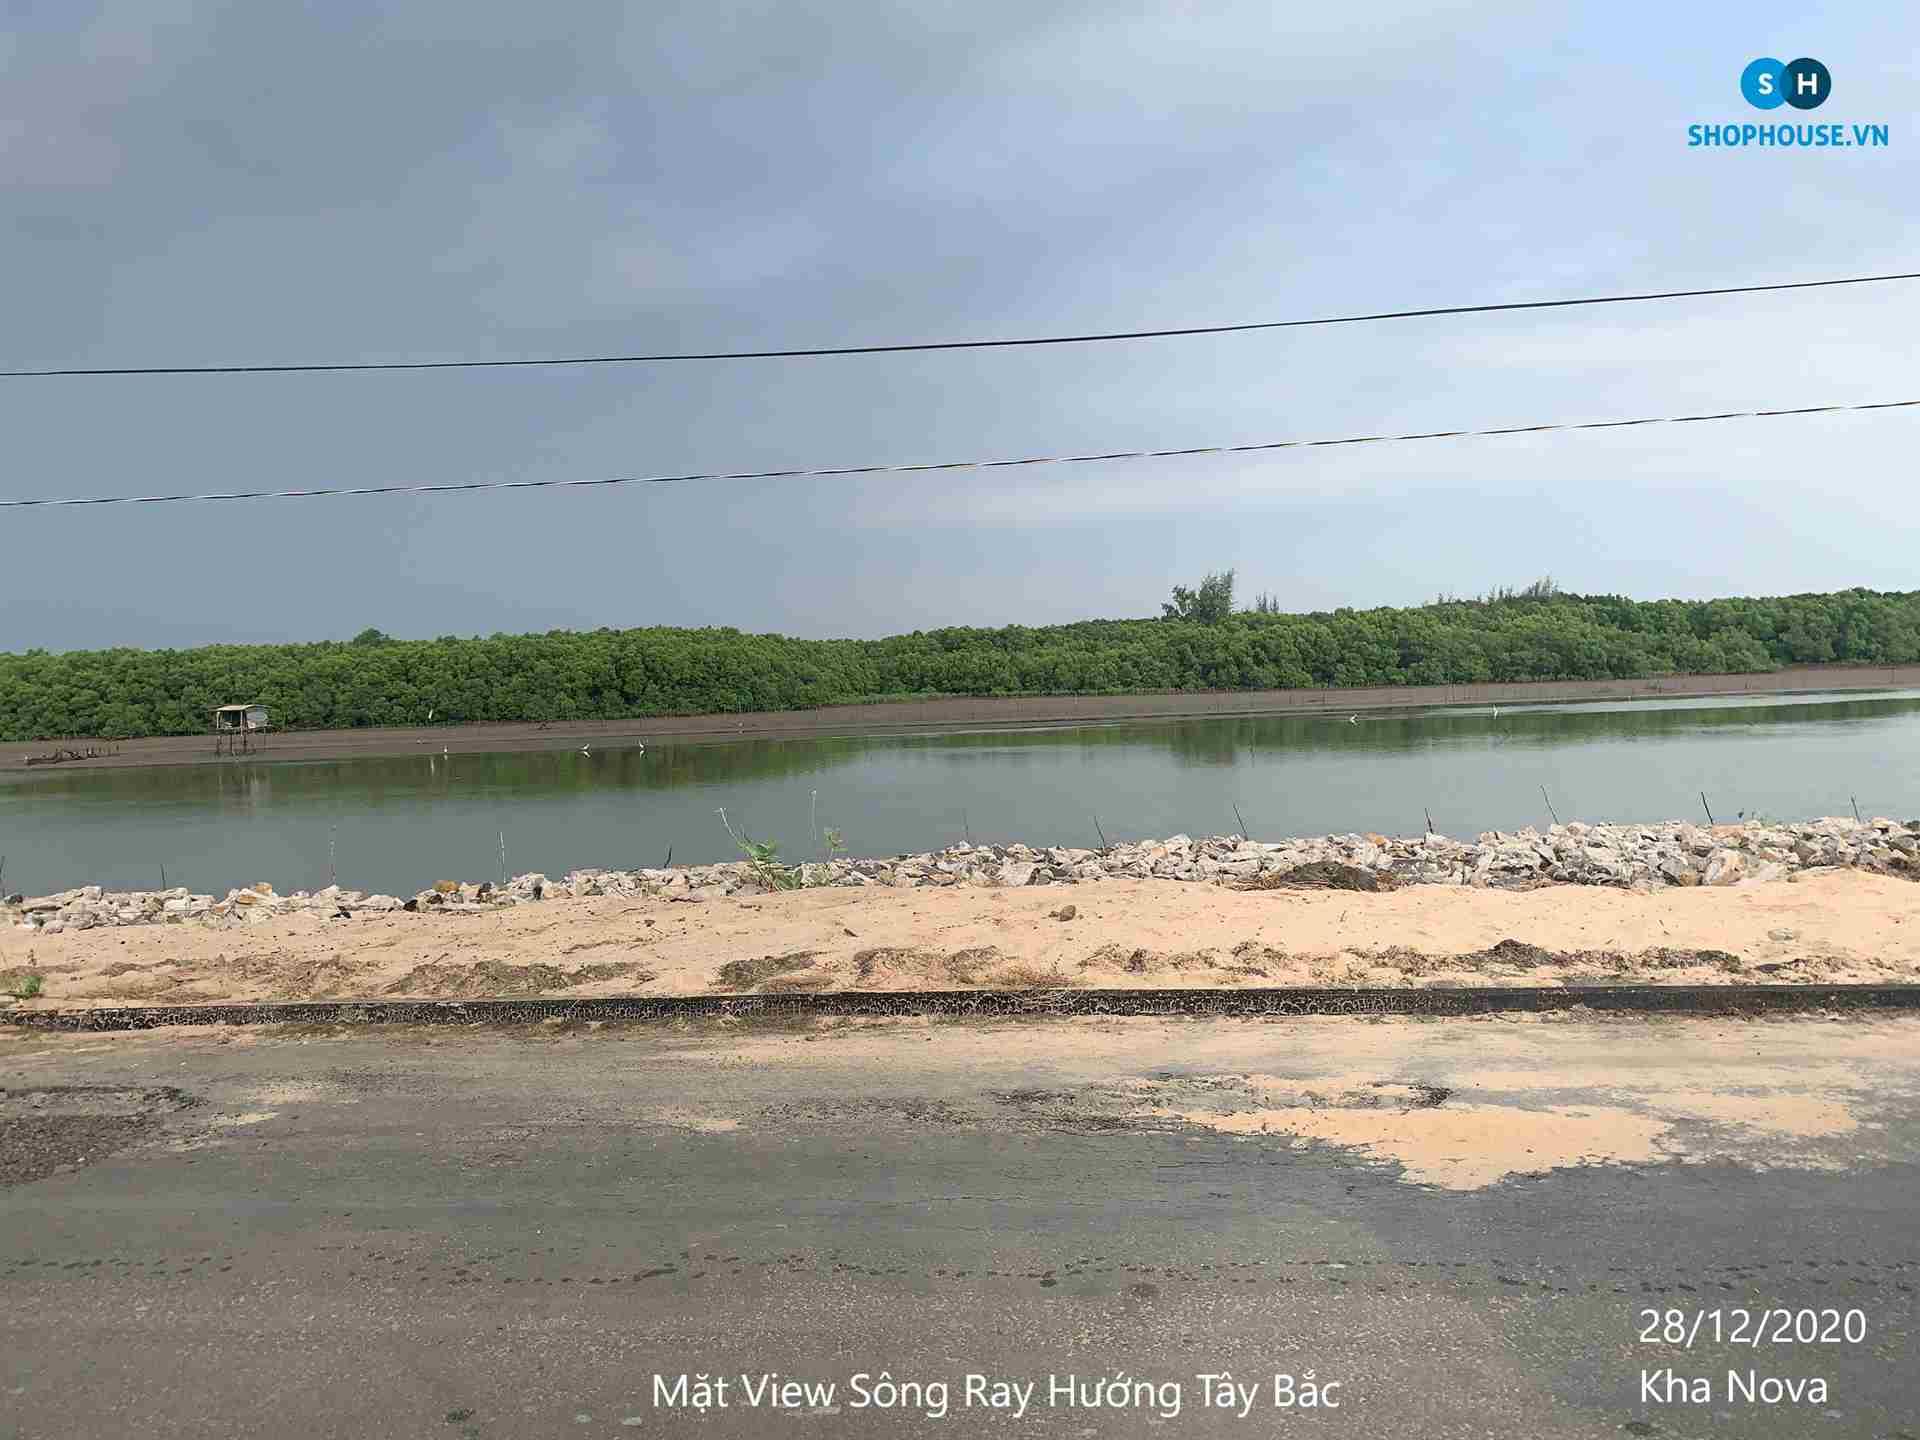 tien-do-xay-dung-habana-island-novaworld-ho-tram-novaland-view-mat-song-ray